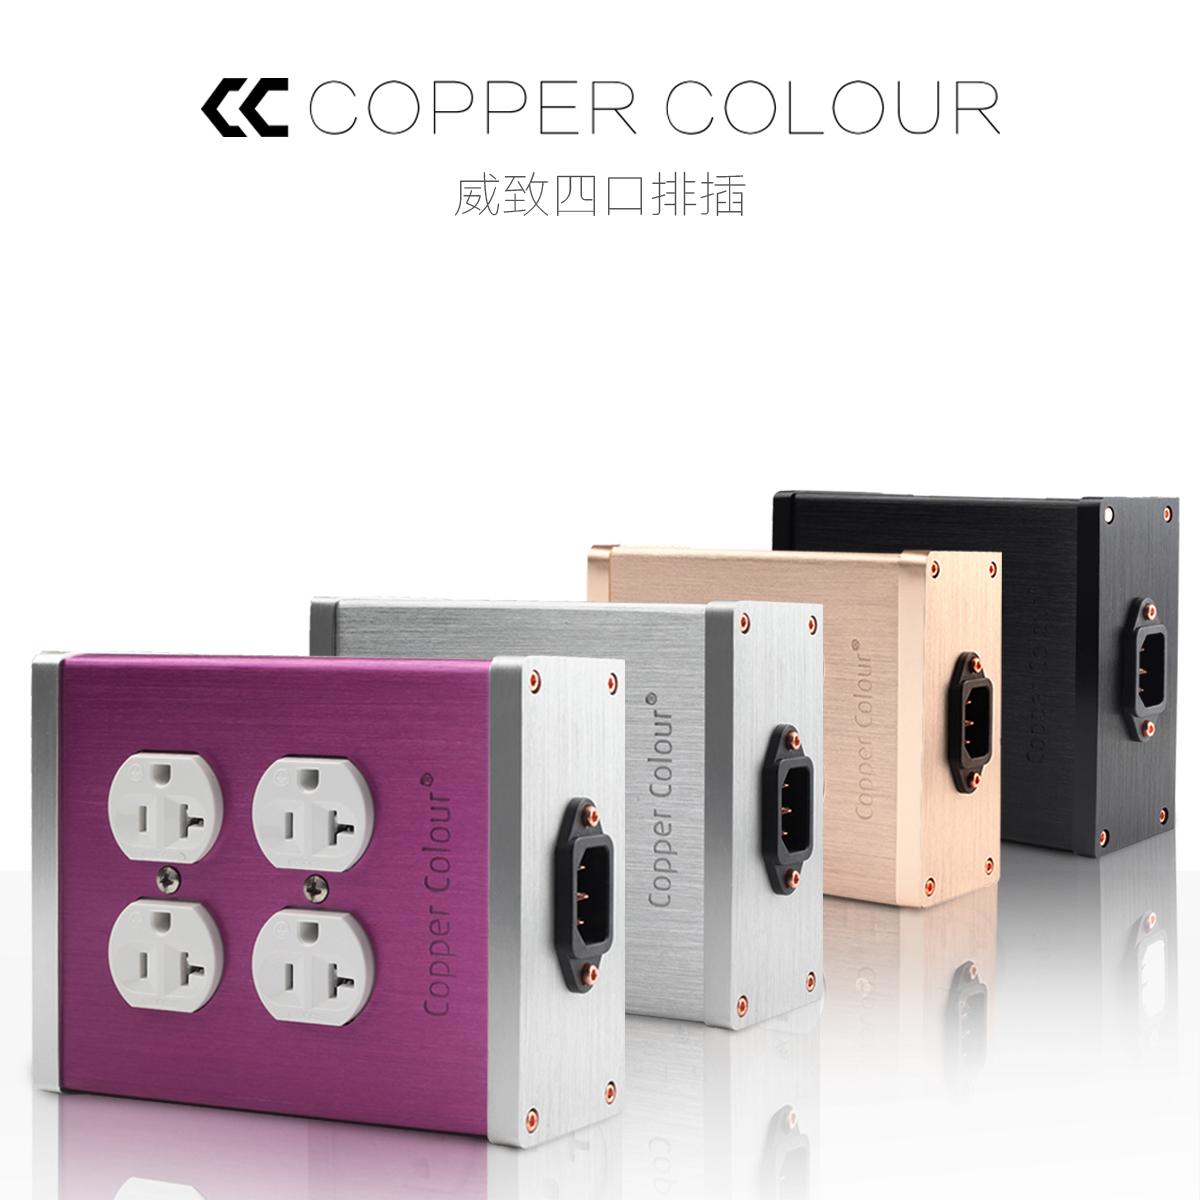 Copper Colour/ медь цвет престиж причина серия -126 степень холодный замораживать один кристалл медь флагман american standard источник питания строка вставить